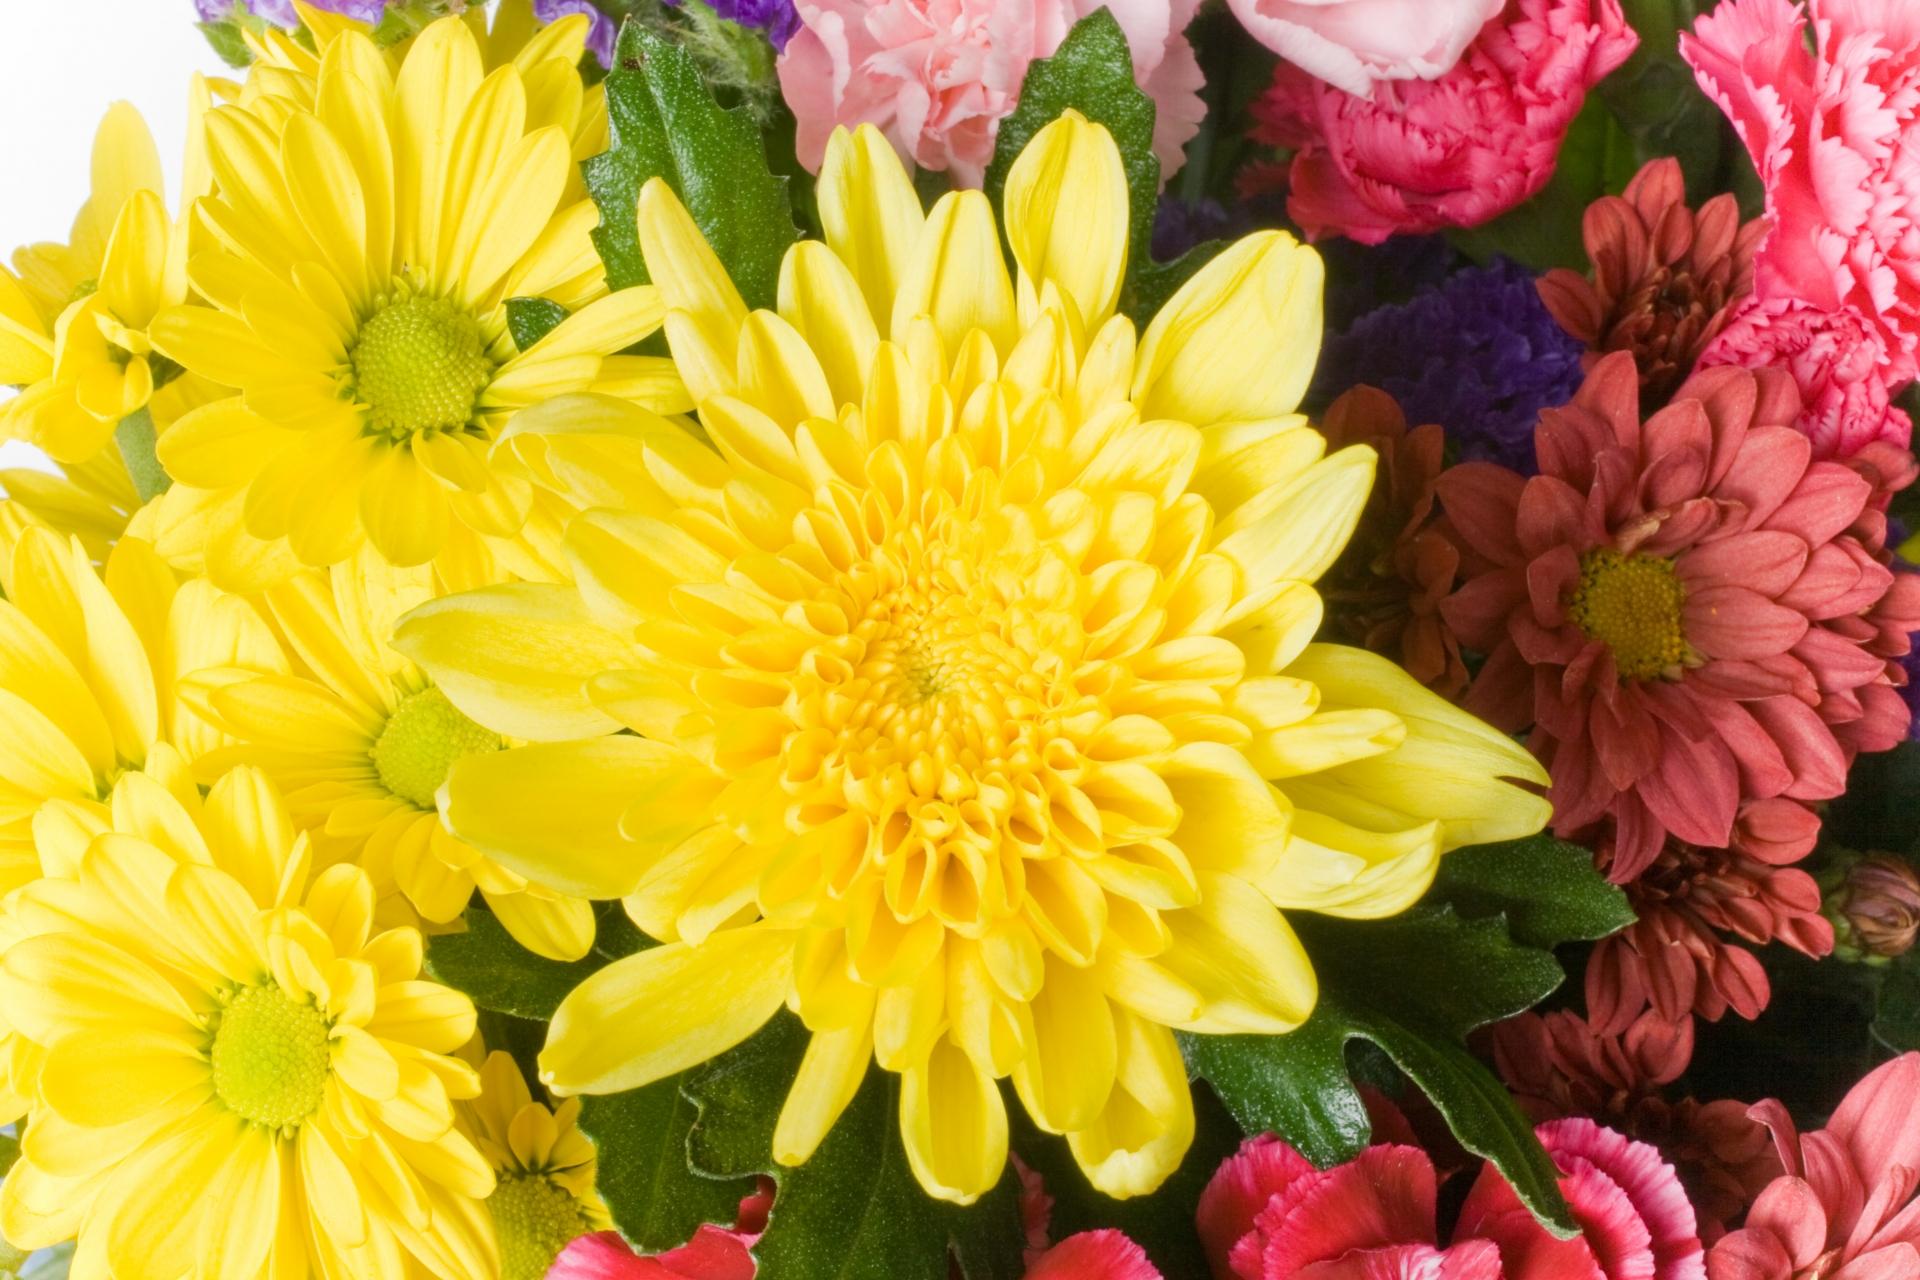 菊は英語で何と言う?菊の花の英語名と読み方。